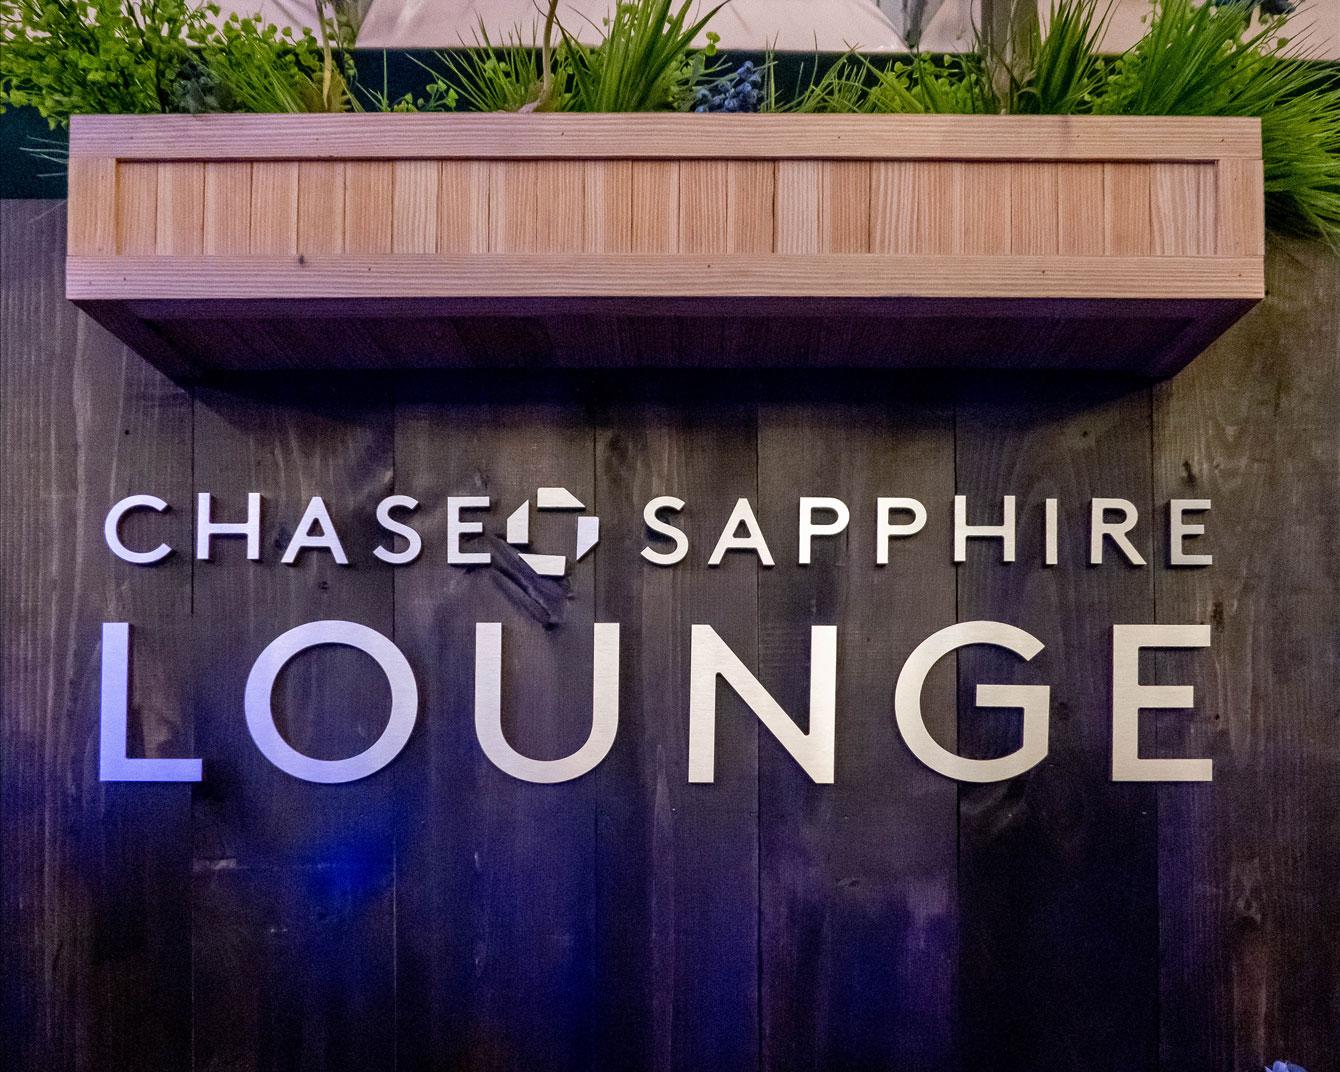 Chase Sapphire Lounge Hotel Thrillist